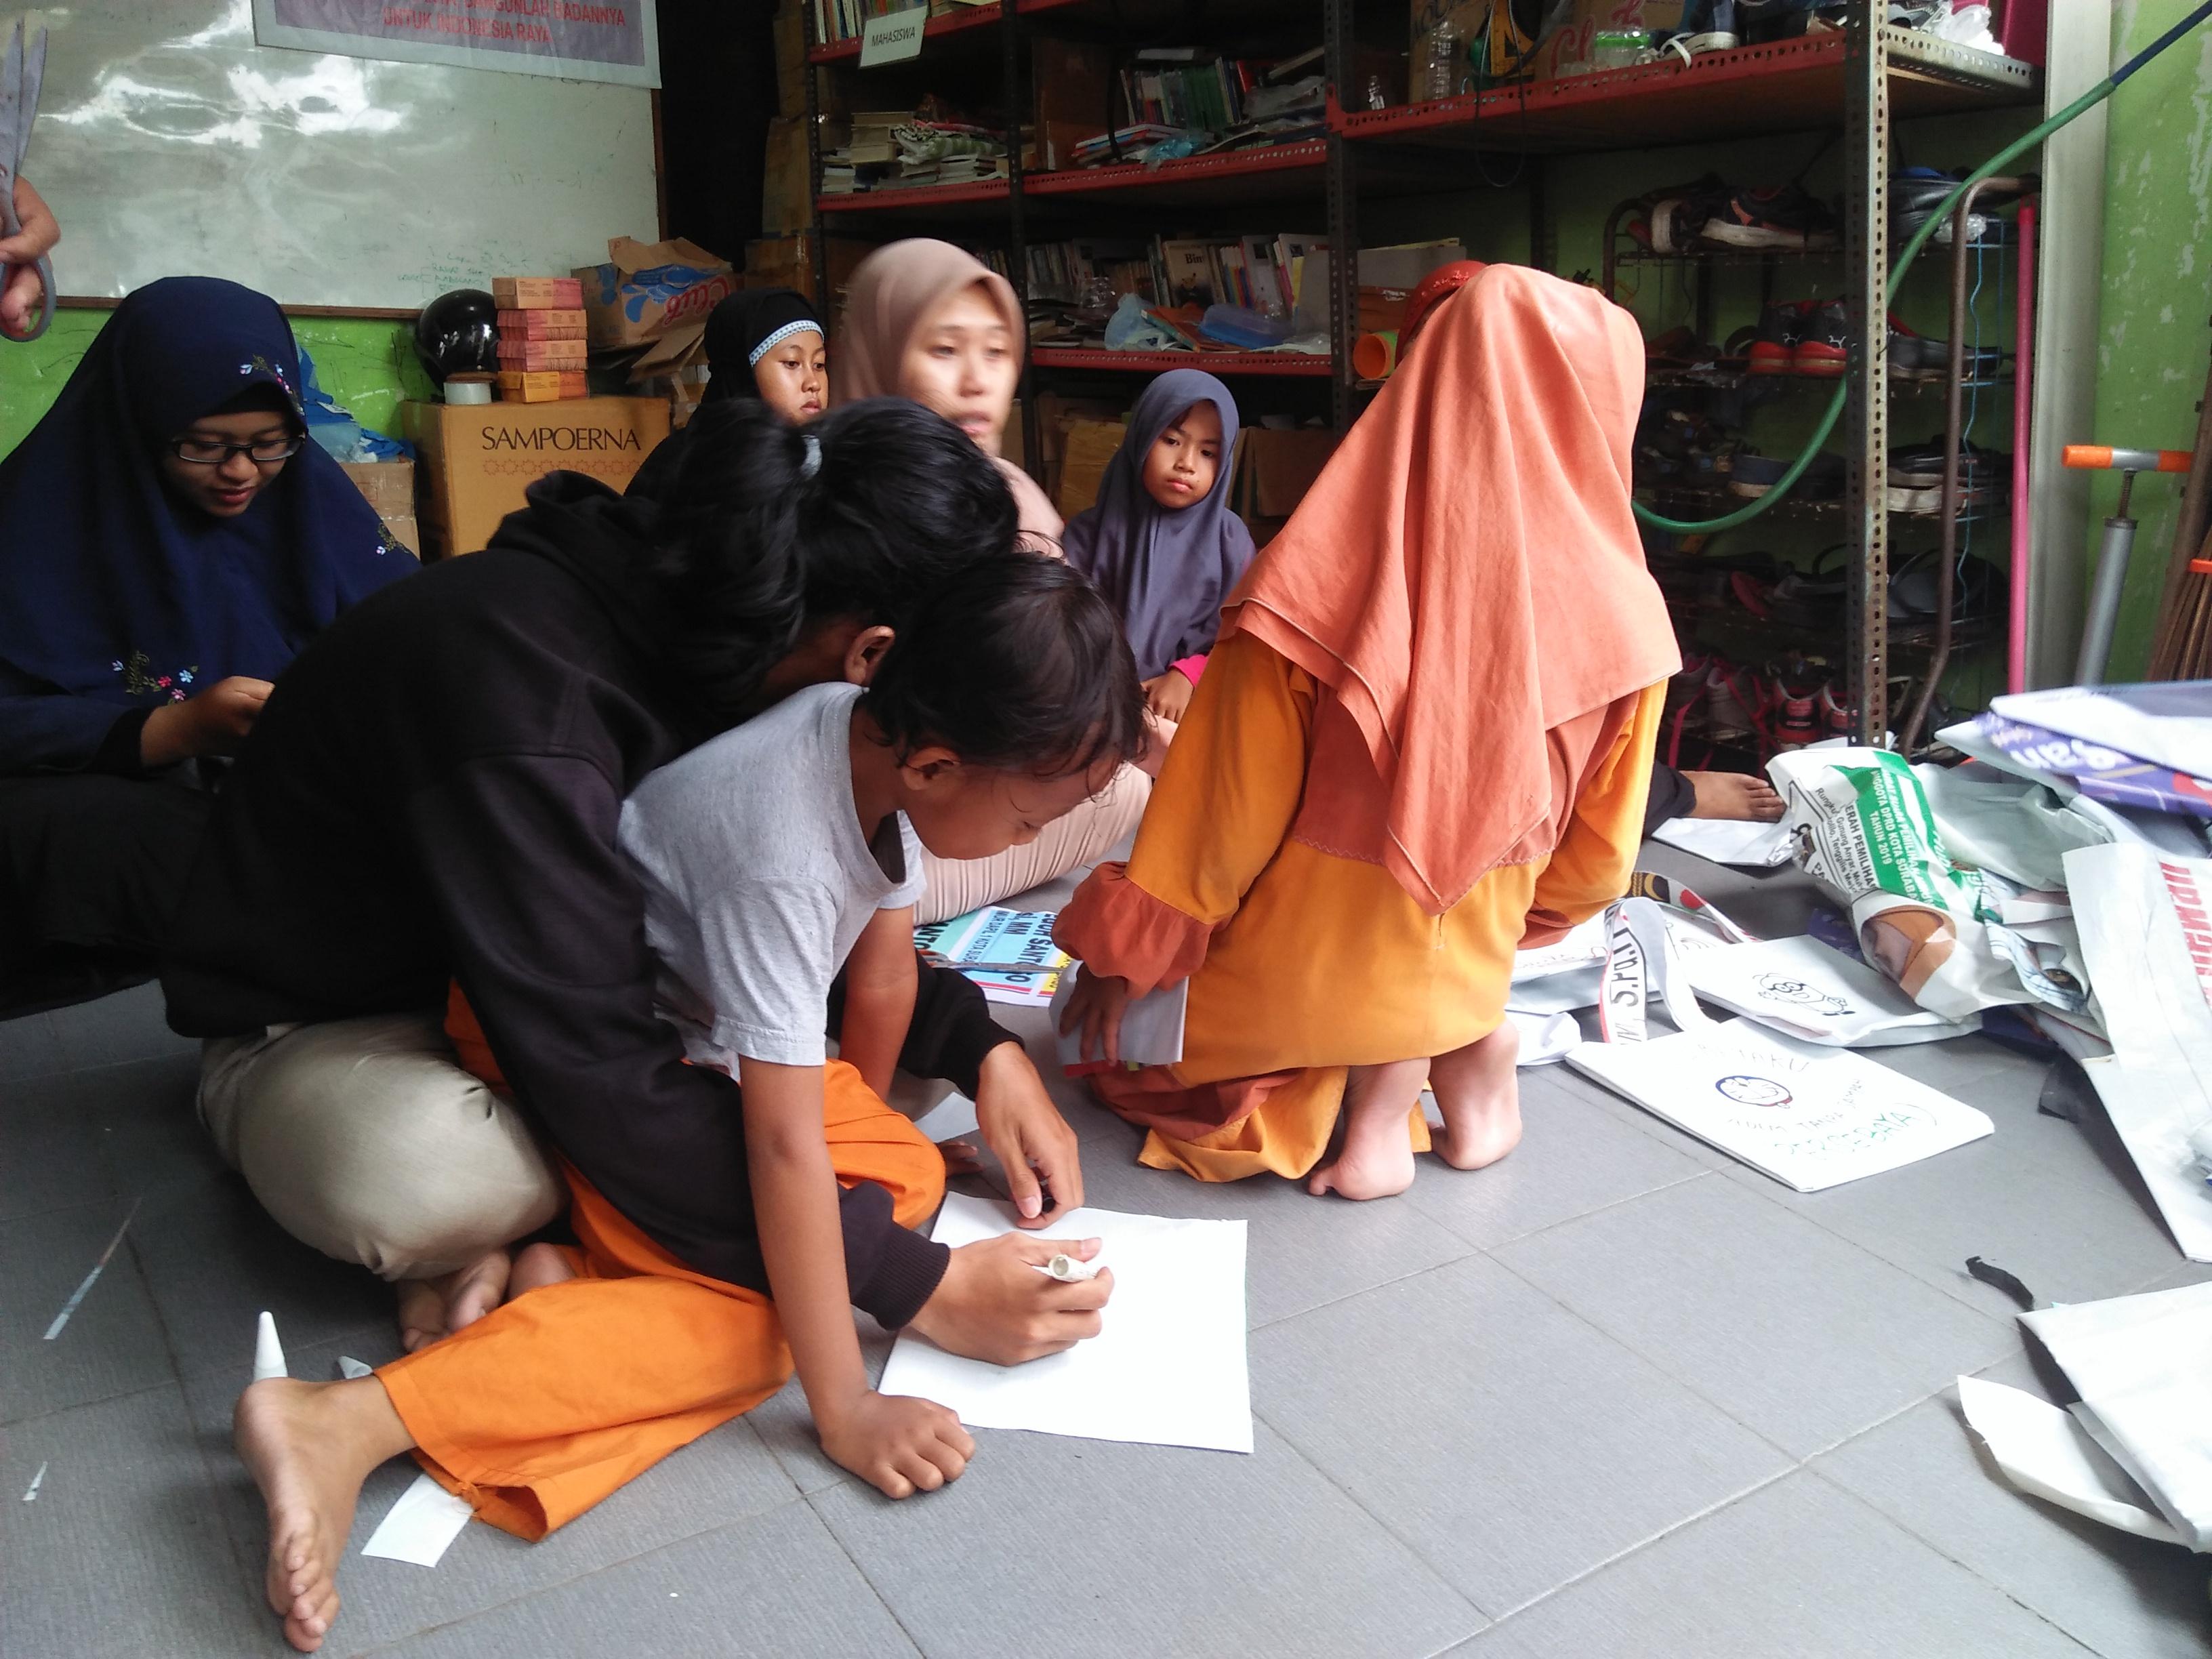 Sekolah Rakyat Kejawan Manfaatkan APK Bekas Dijadikan Tas